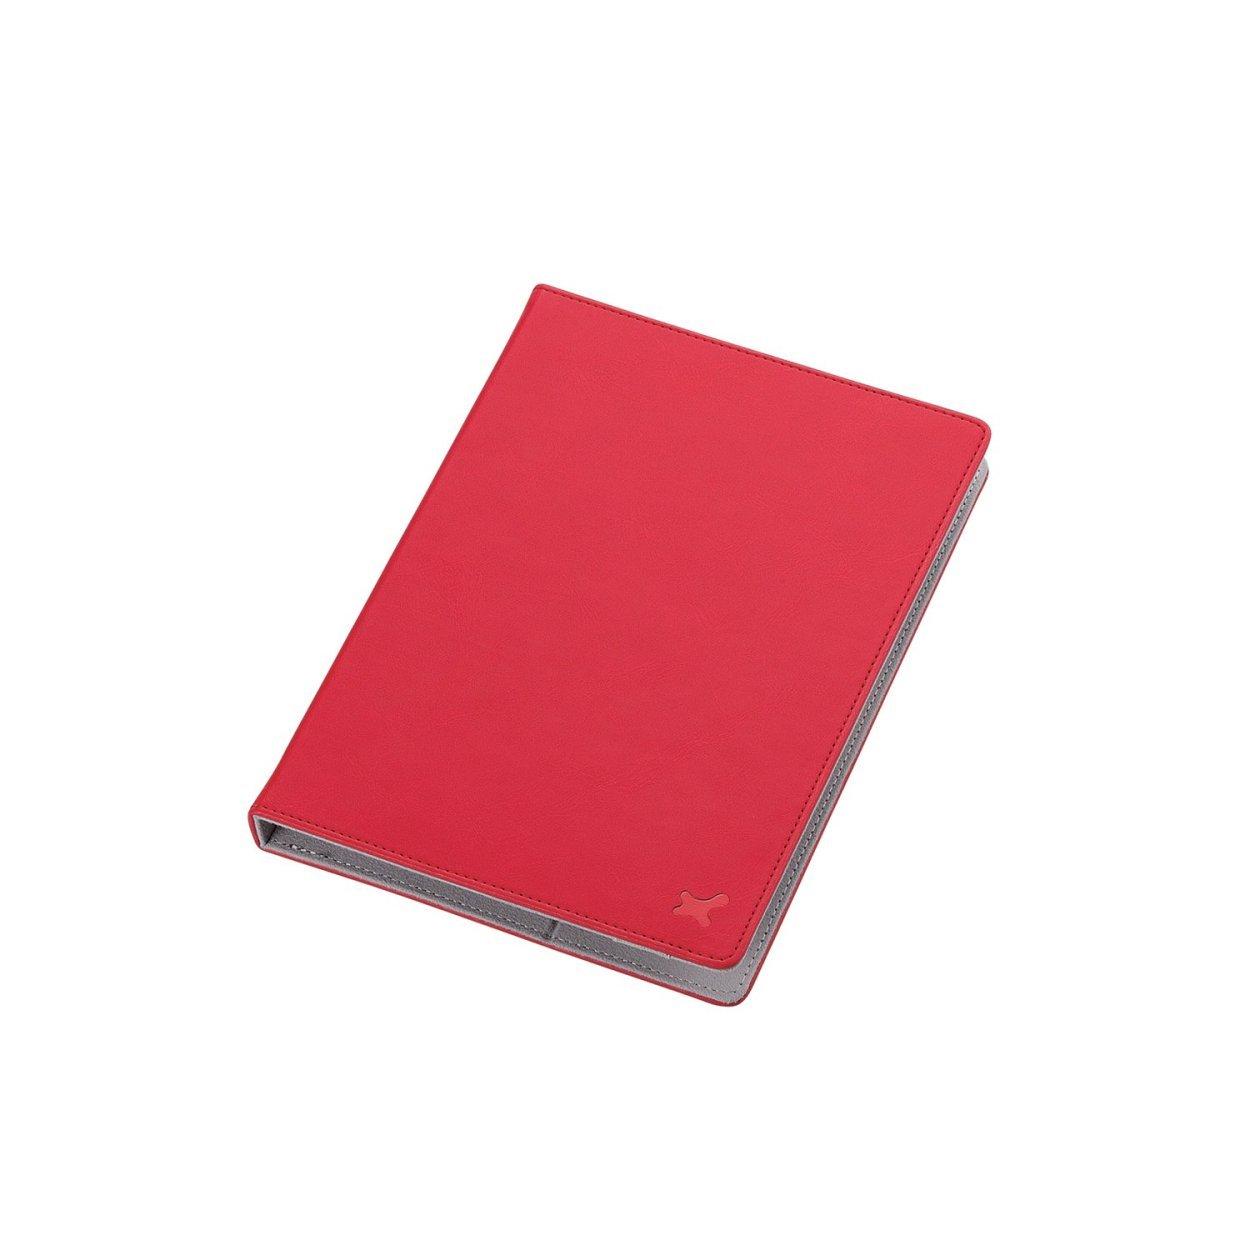 エレコム 7.0〜8.4インチ汎用タブレットケース レザータイプ /レッドTB-08LCHRD1個